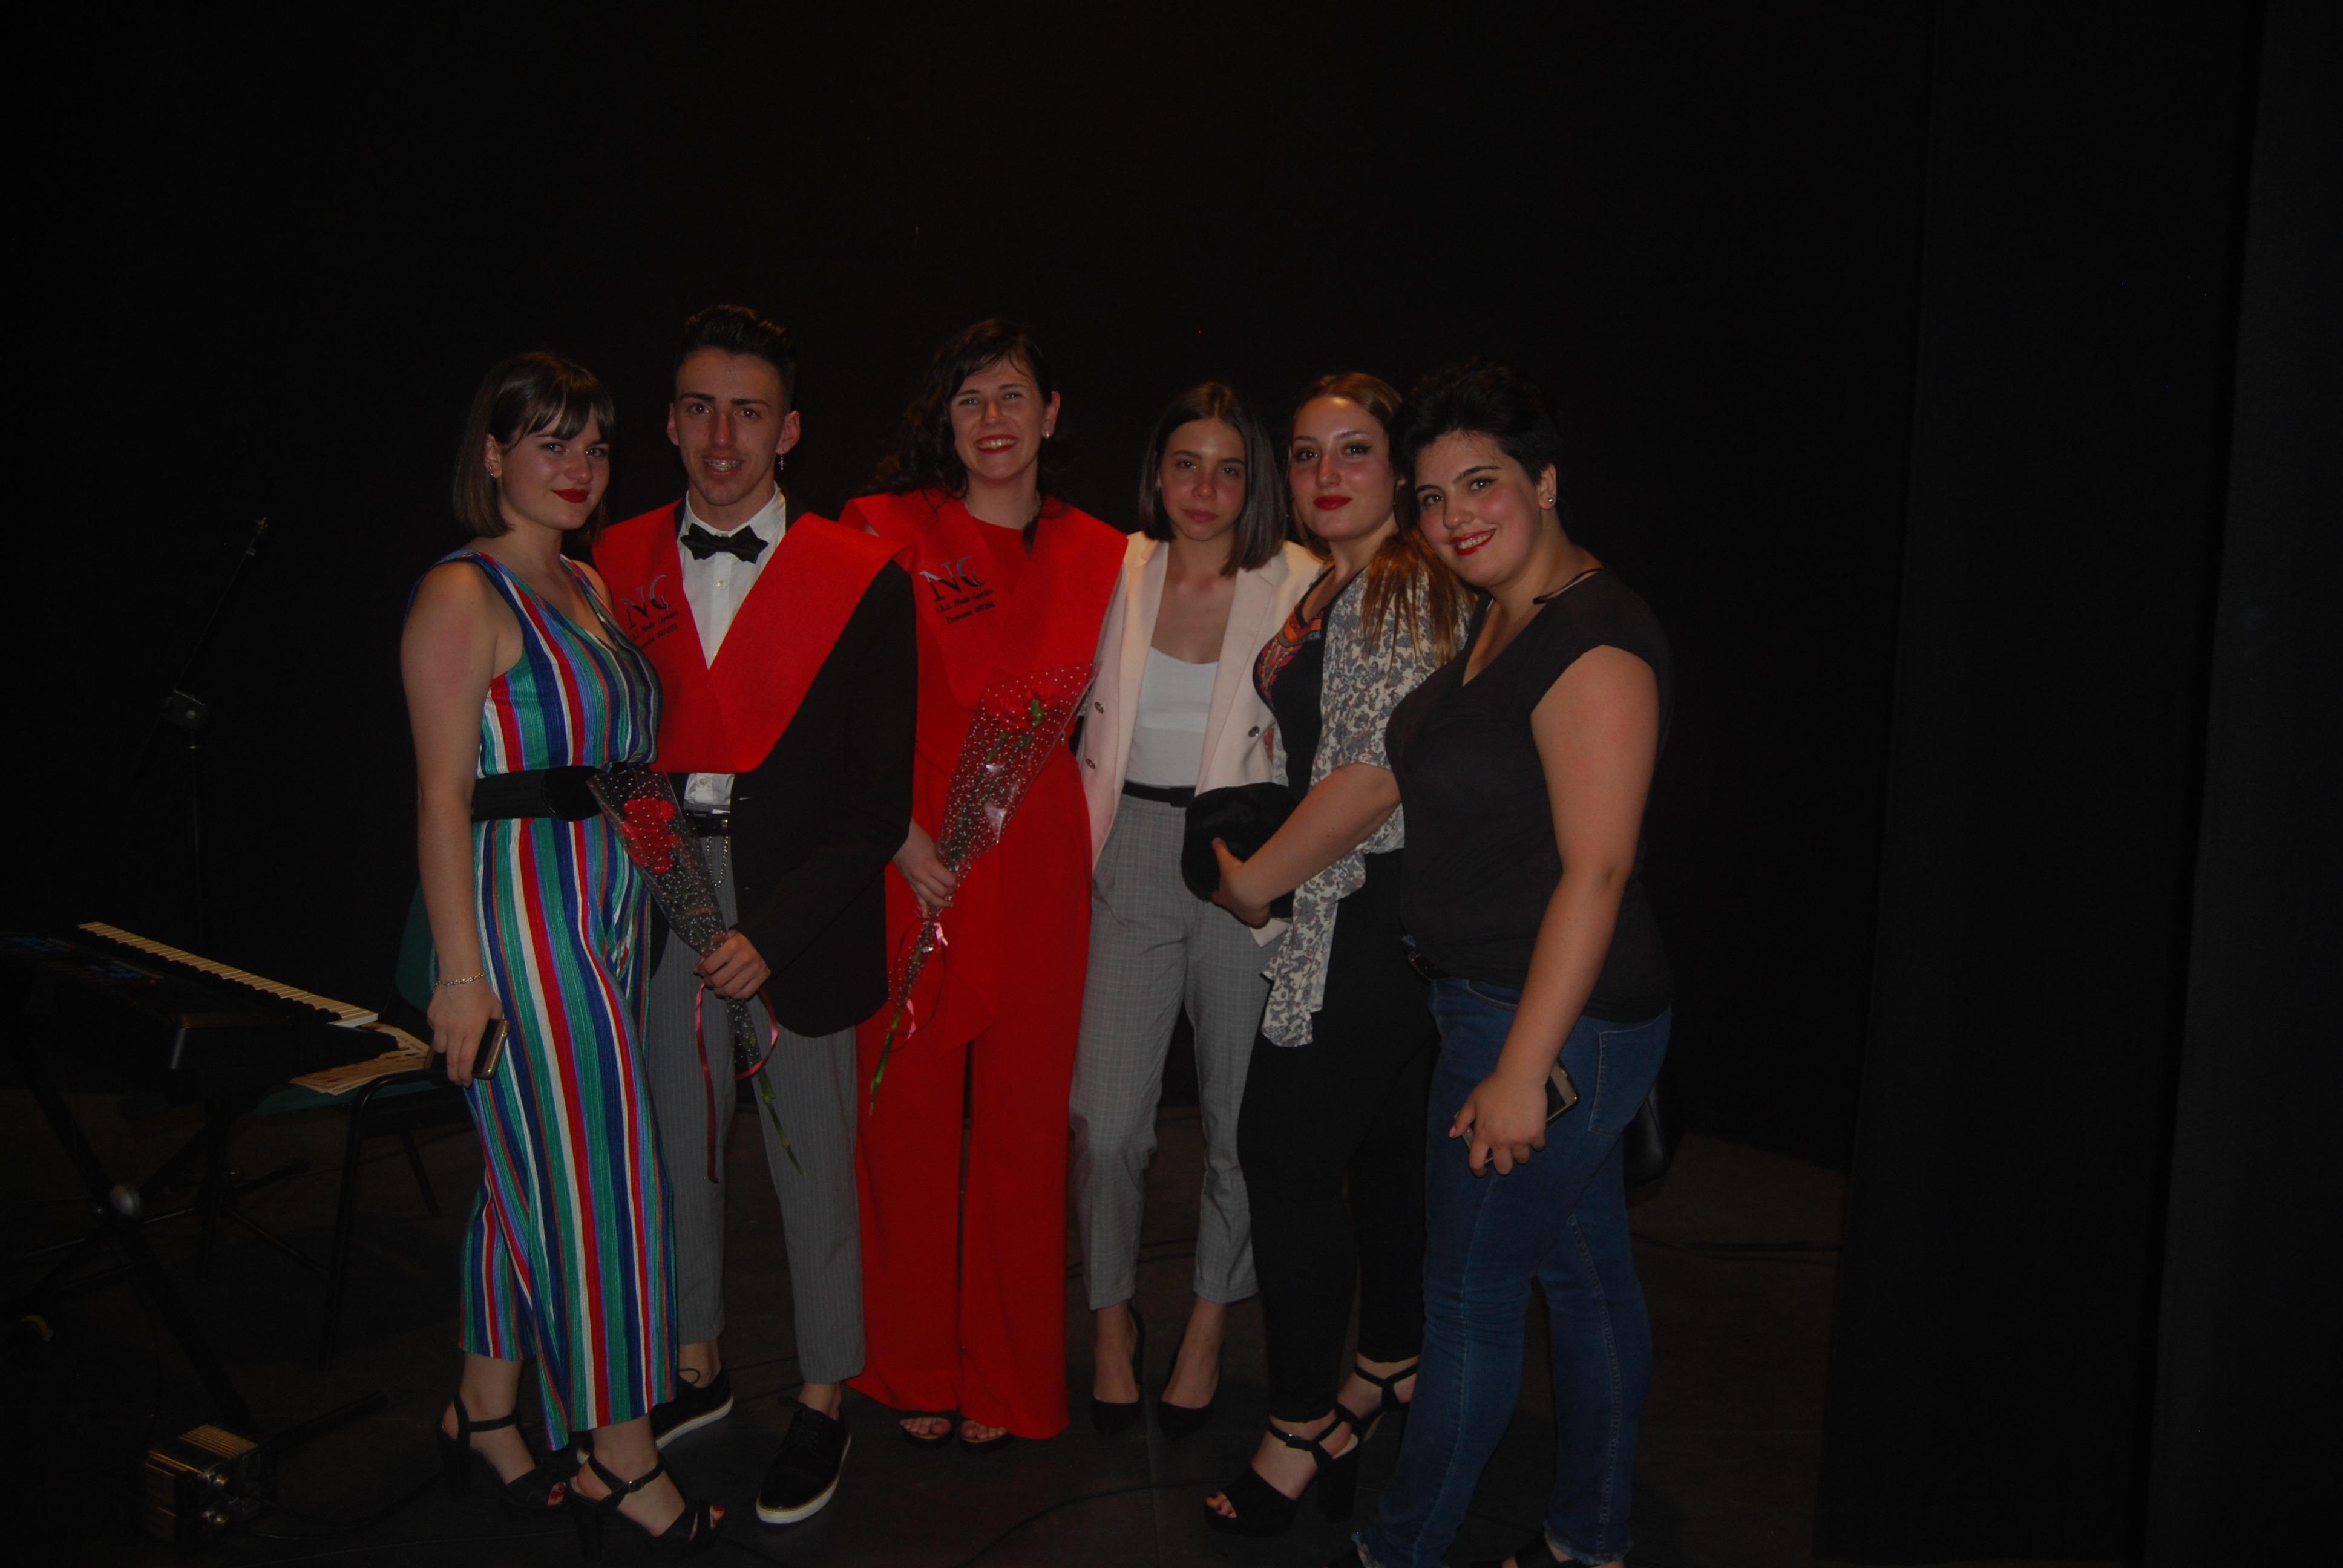 Graduación - 2º Bachillerato - Curso 2017/18 - Álbum # 6 12